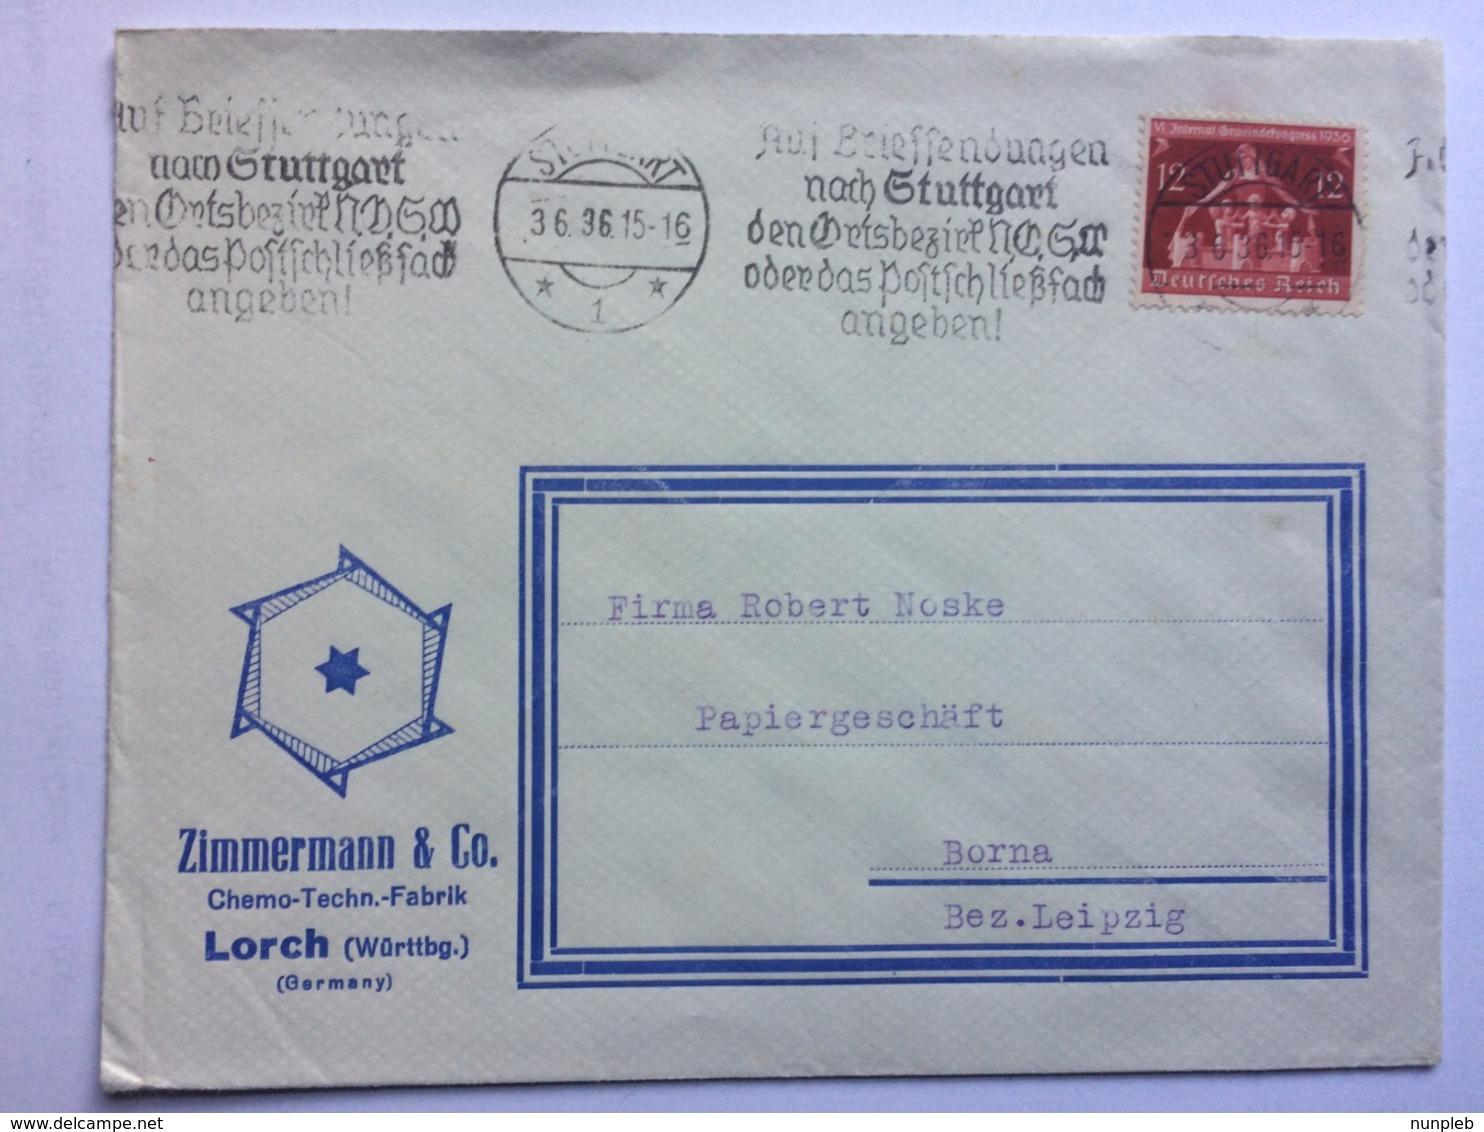 GERMANY 1936 Cover Stuttgart To Borna Illustrated `Zimmermann` Envelope - Cartas